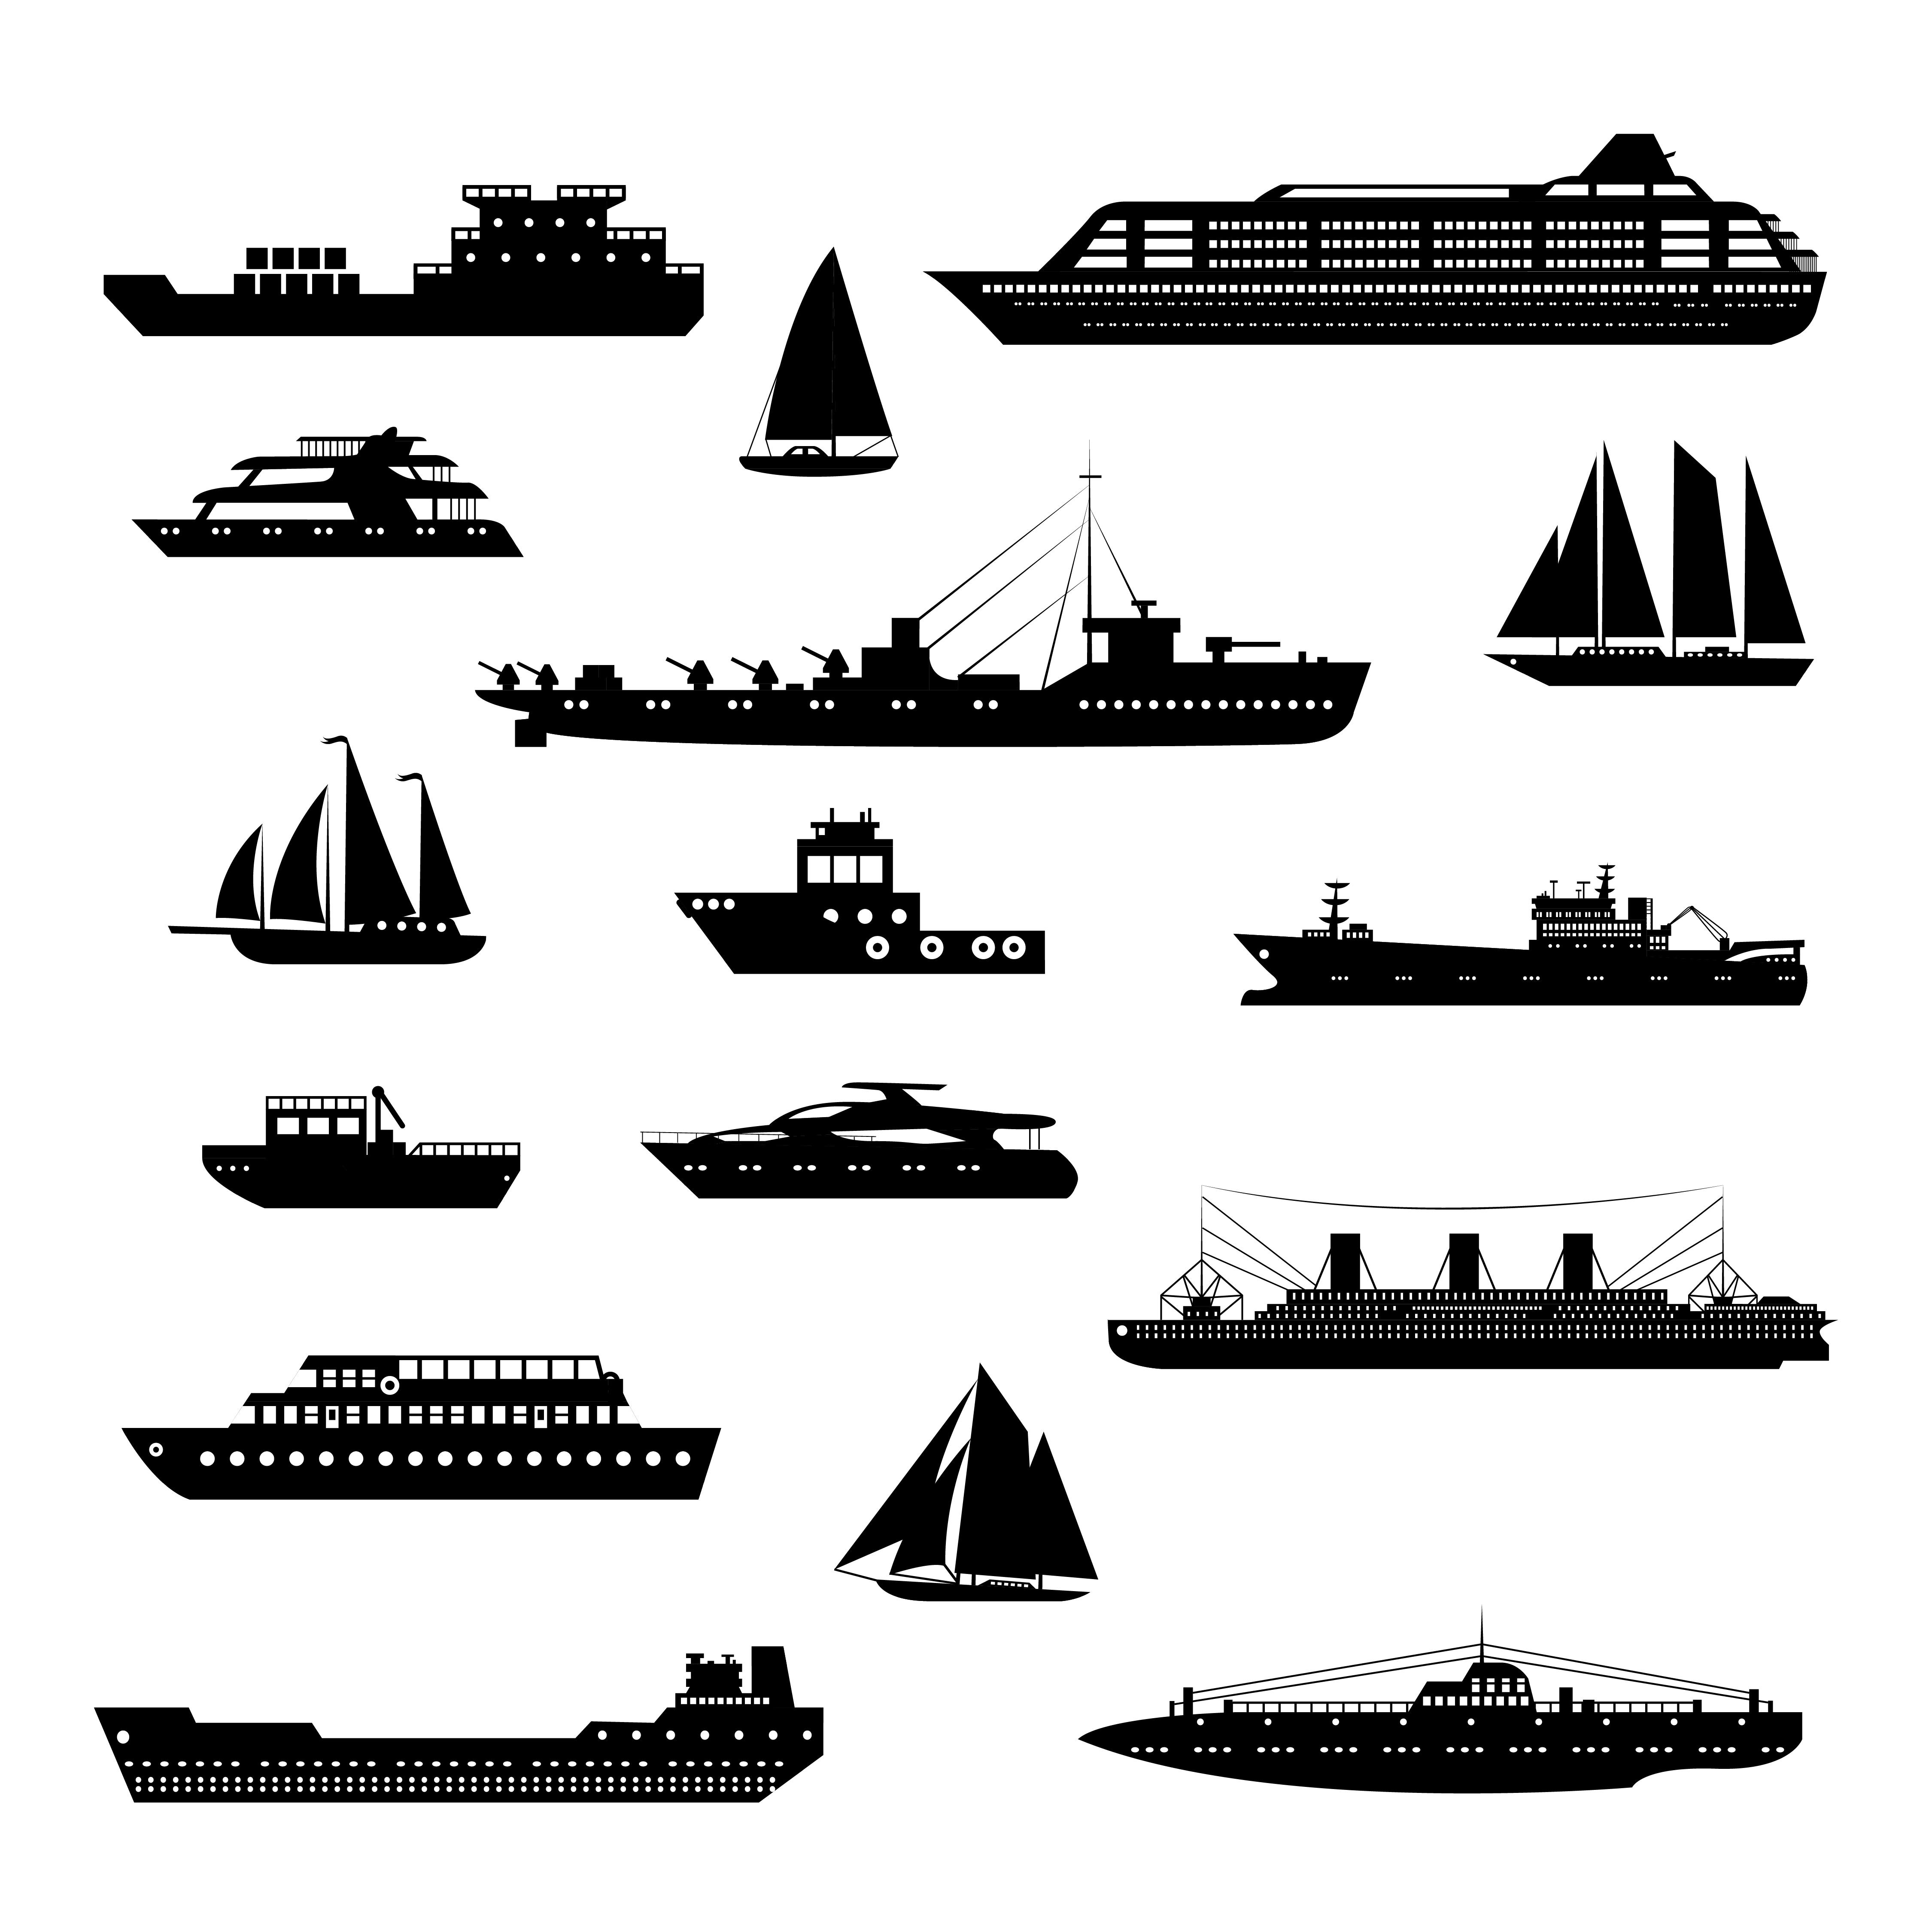 Navires Et Bateaux En Noir Et Blanc Telecharger Vectoriel Gratuit Clipart Graphique Vecteur Dessins Et Pictogramme Gratuit